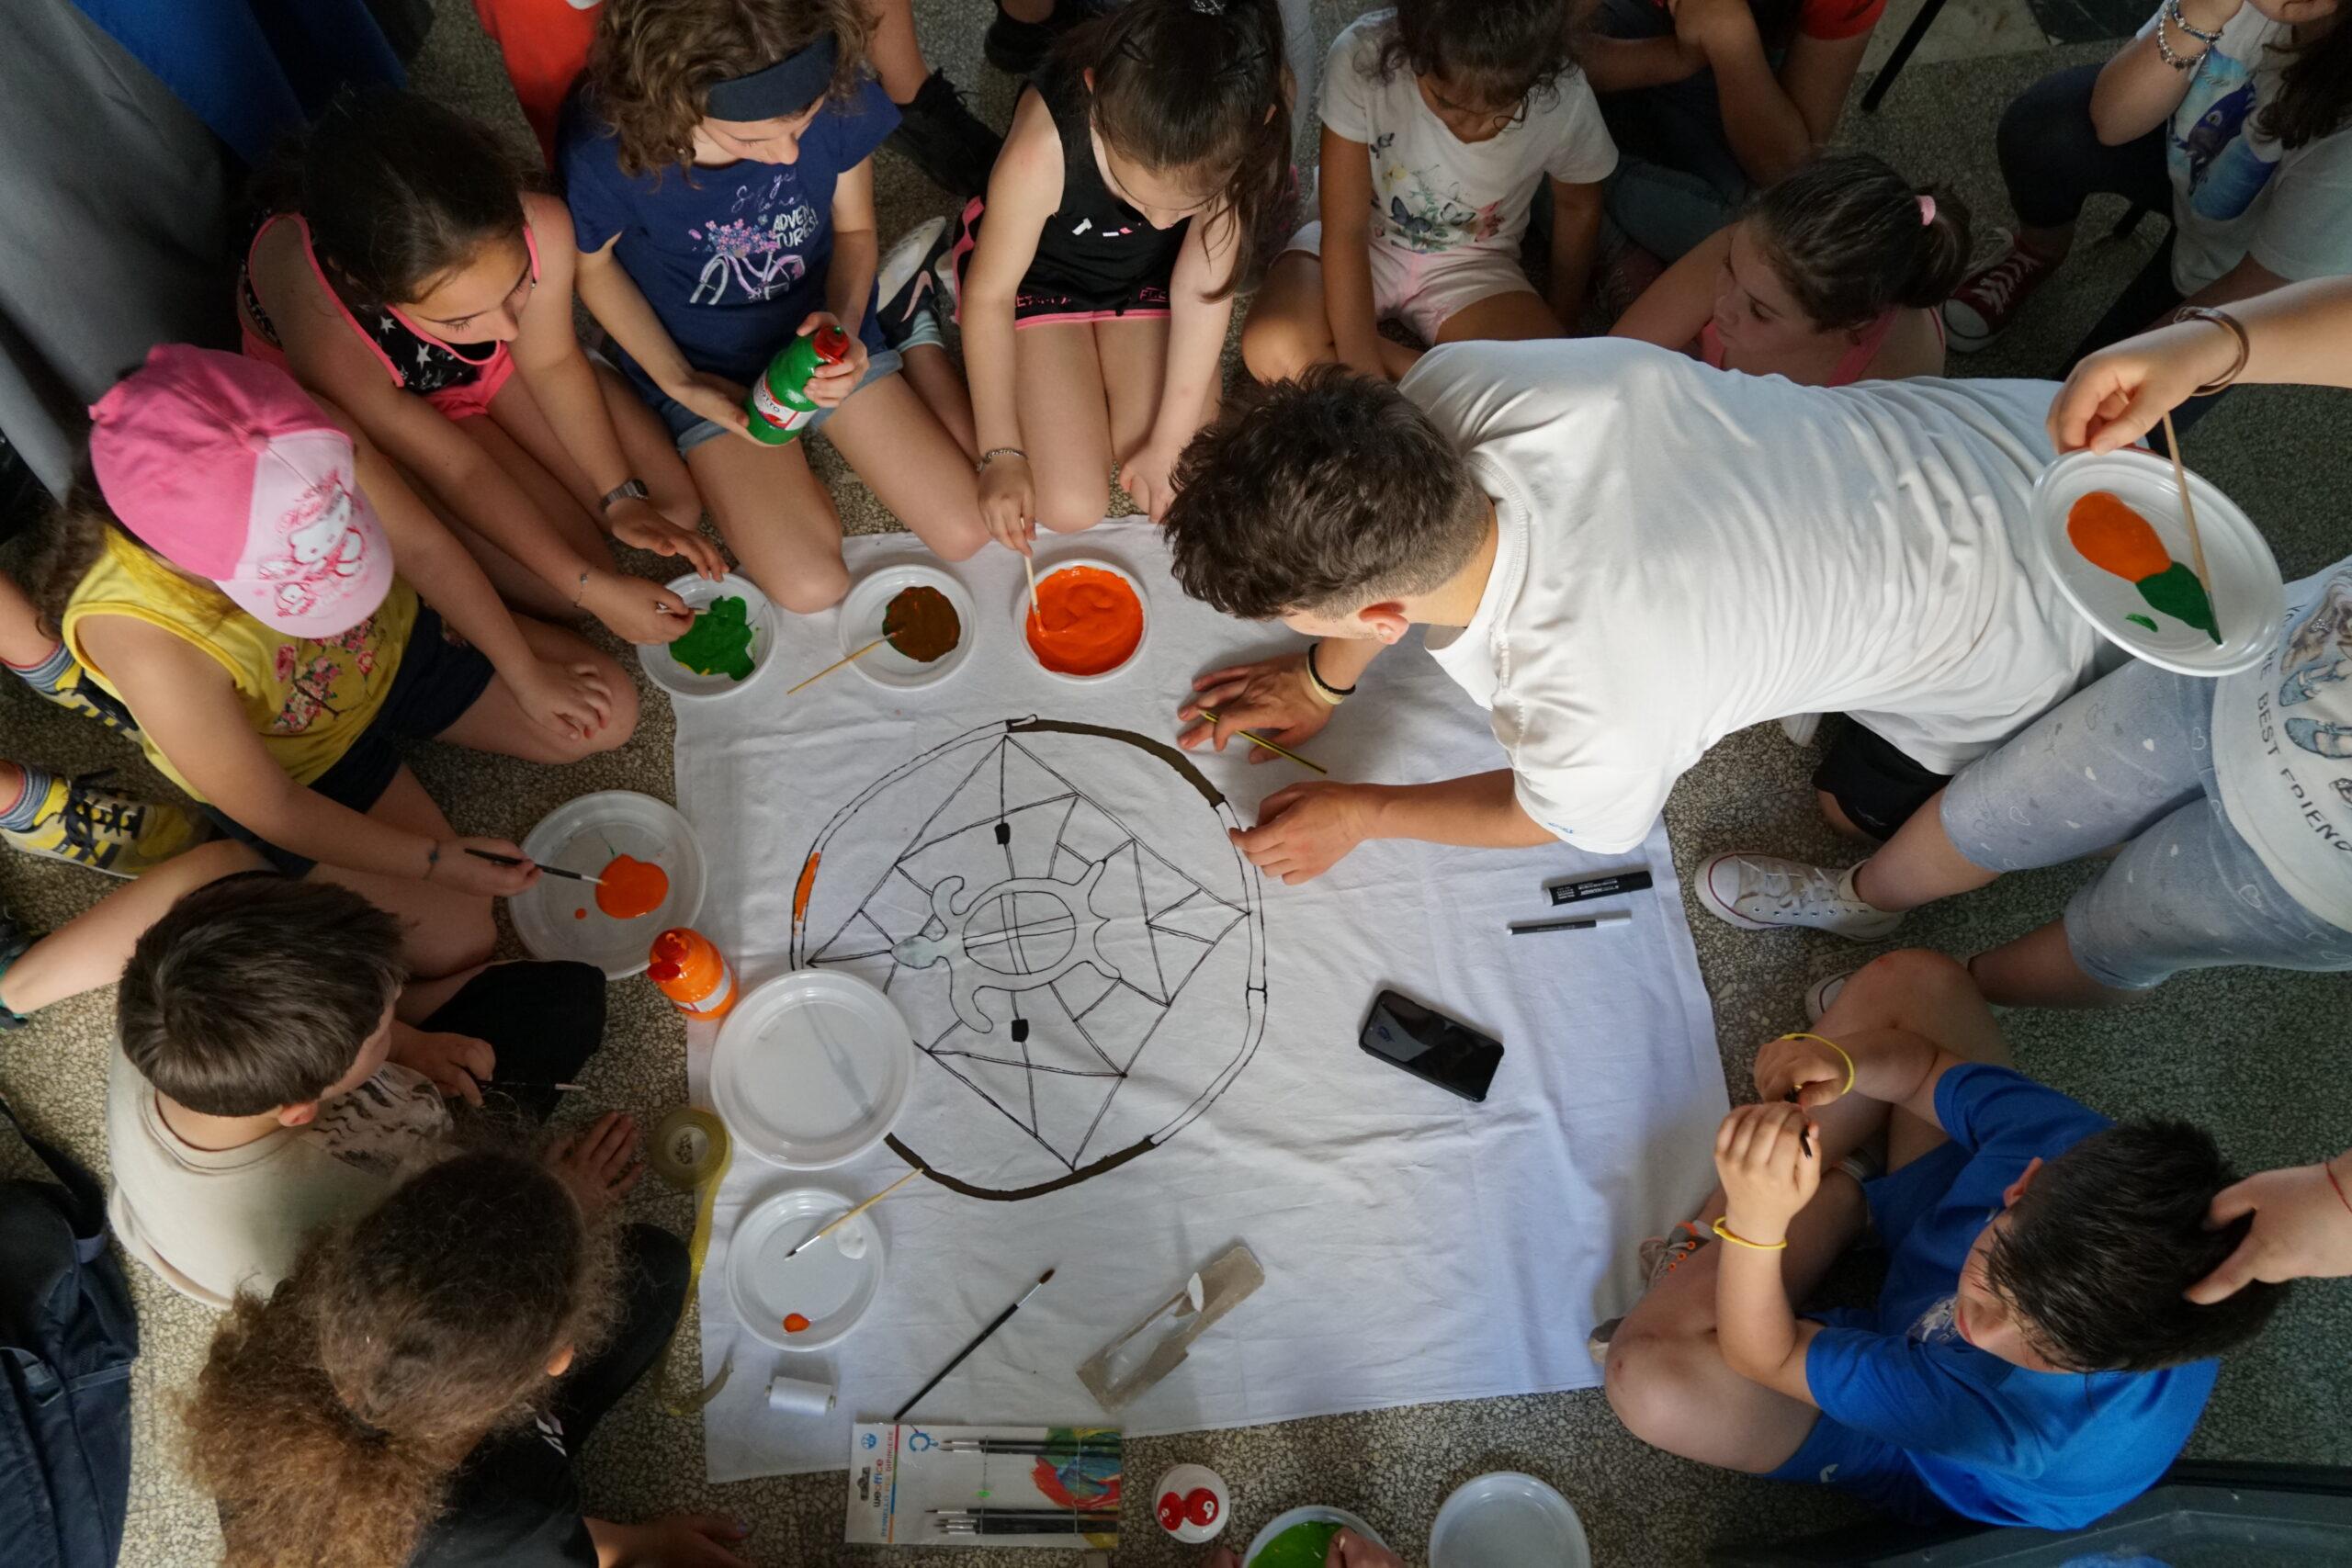 Voluntariado social internacional - Trabajar con niños - Italia- Sezze